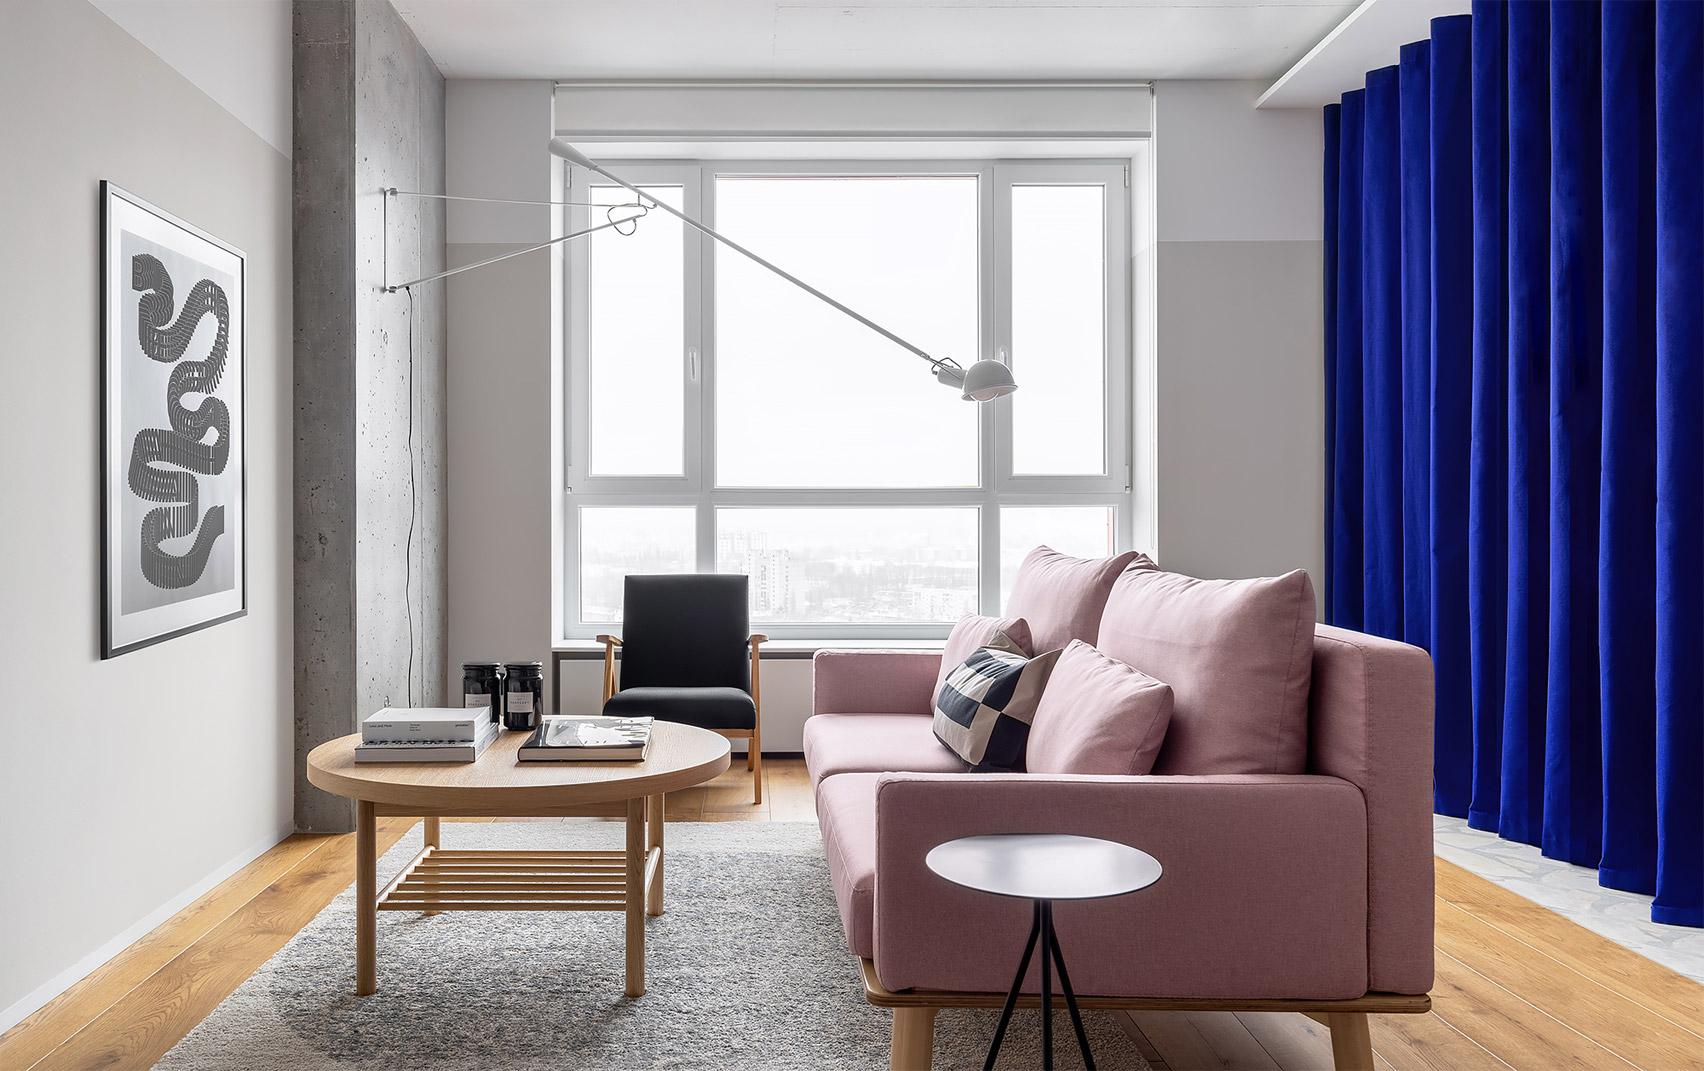 Thiết kế nội thất căn hộ chung cư 6